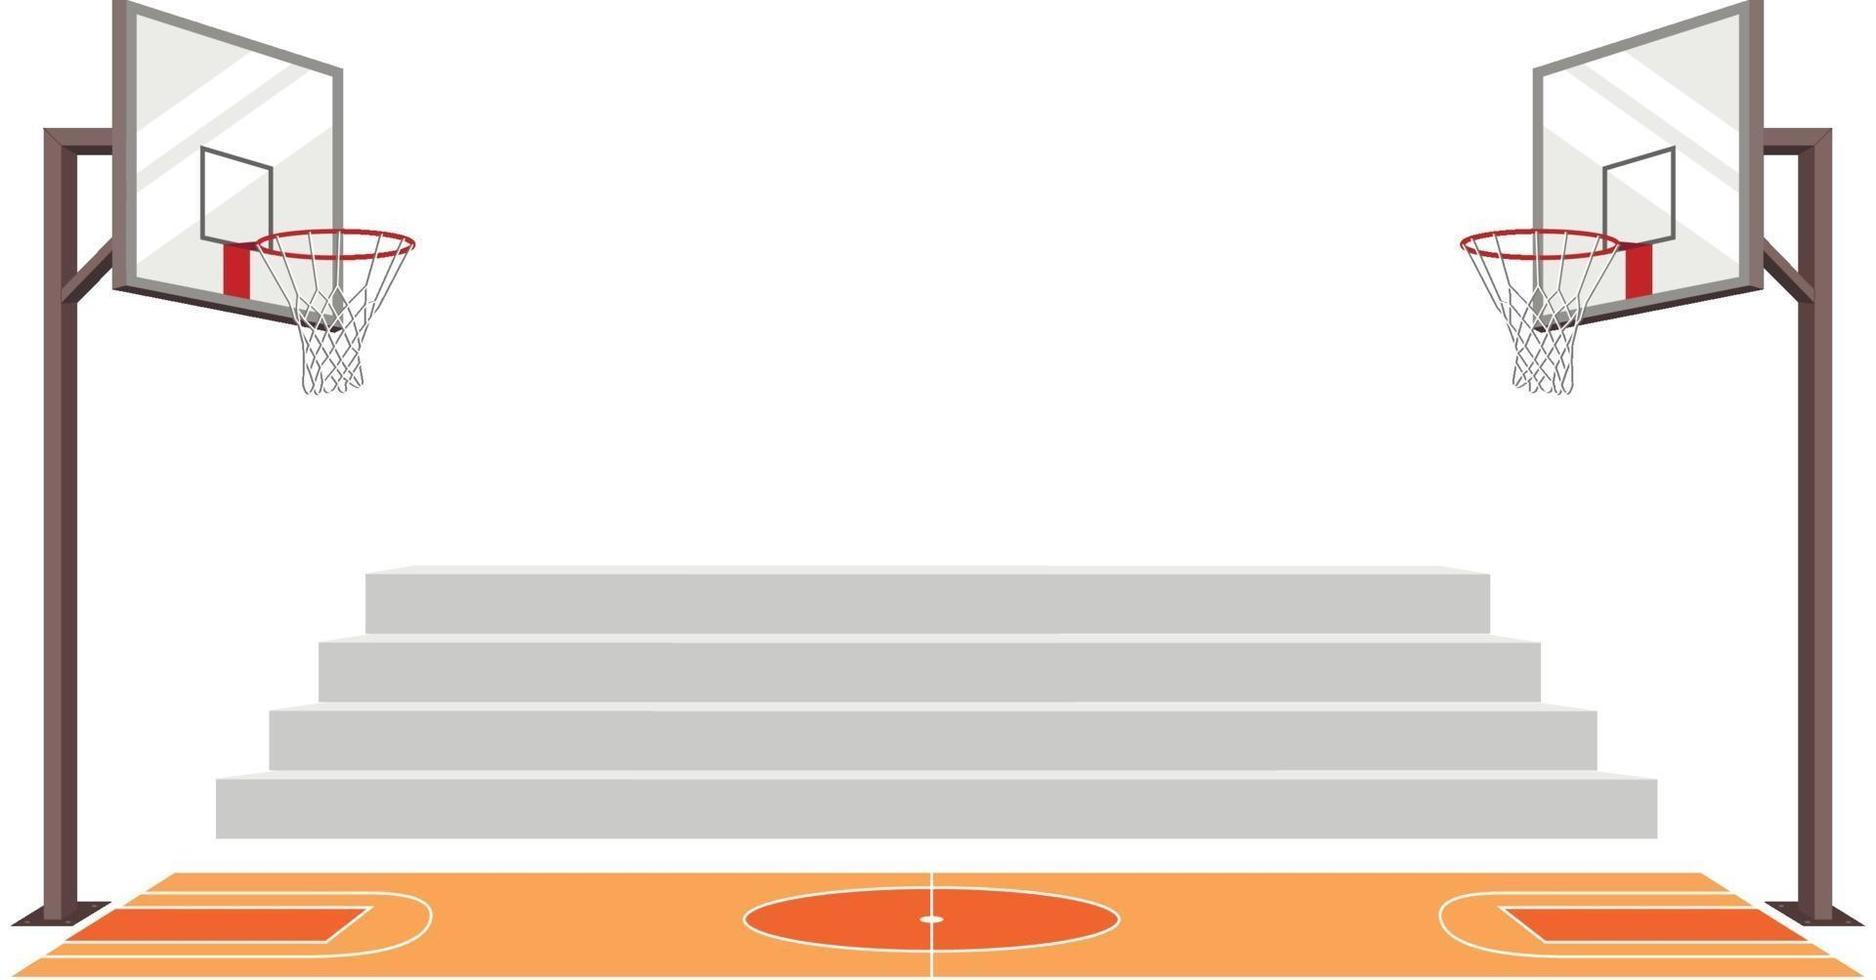 quadra de basquete esportiva. corresponder ilustração vetorial. jogo de esportes. vetor